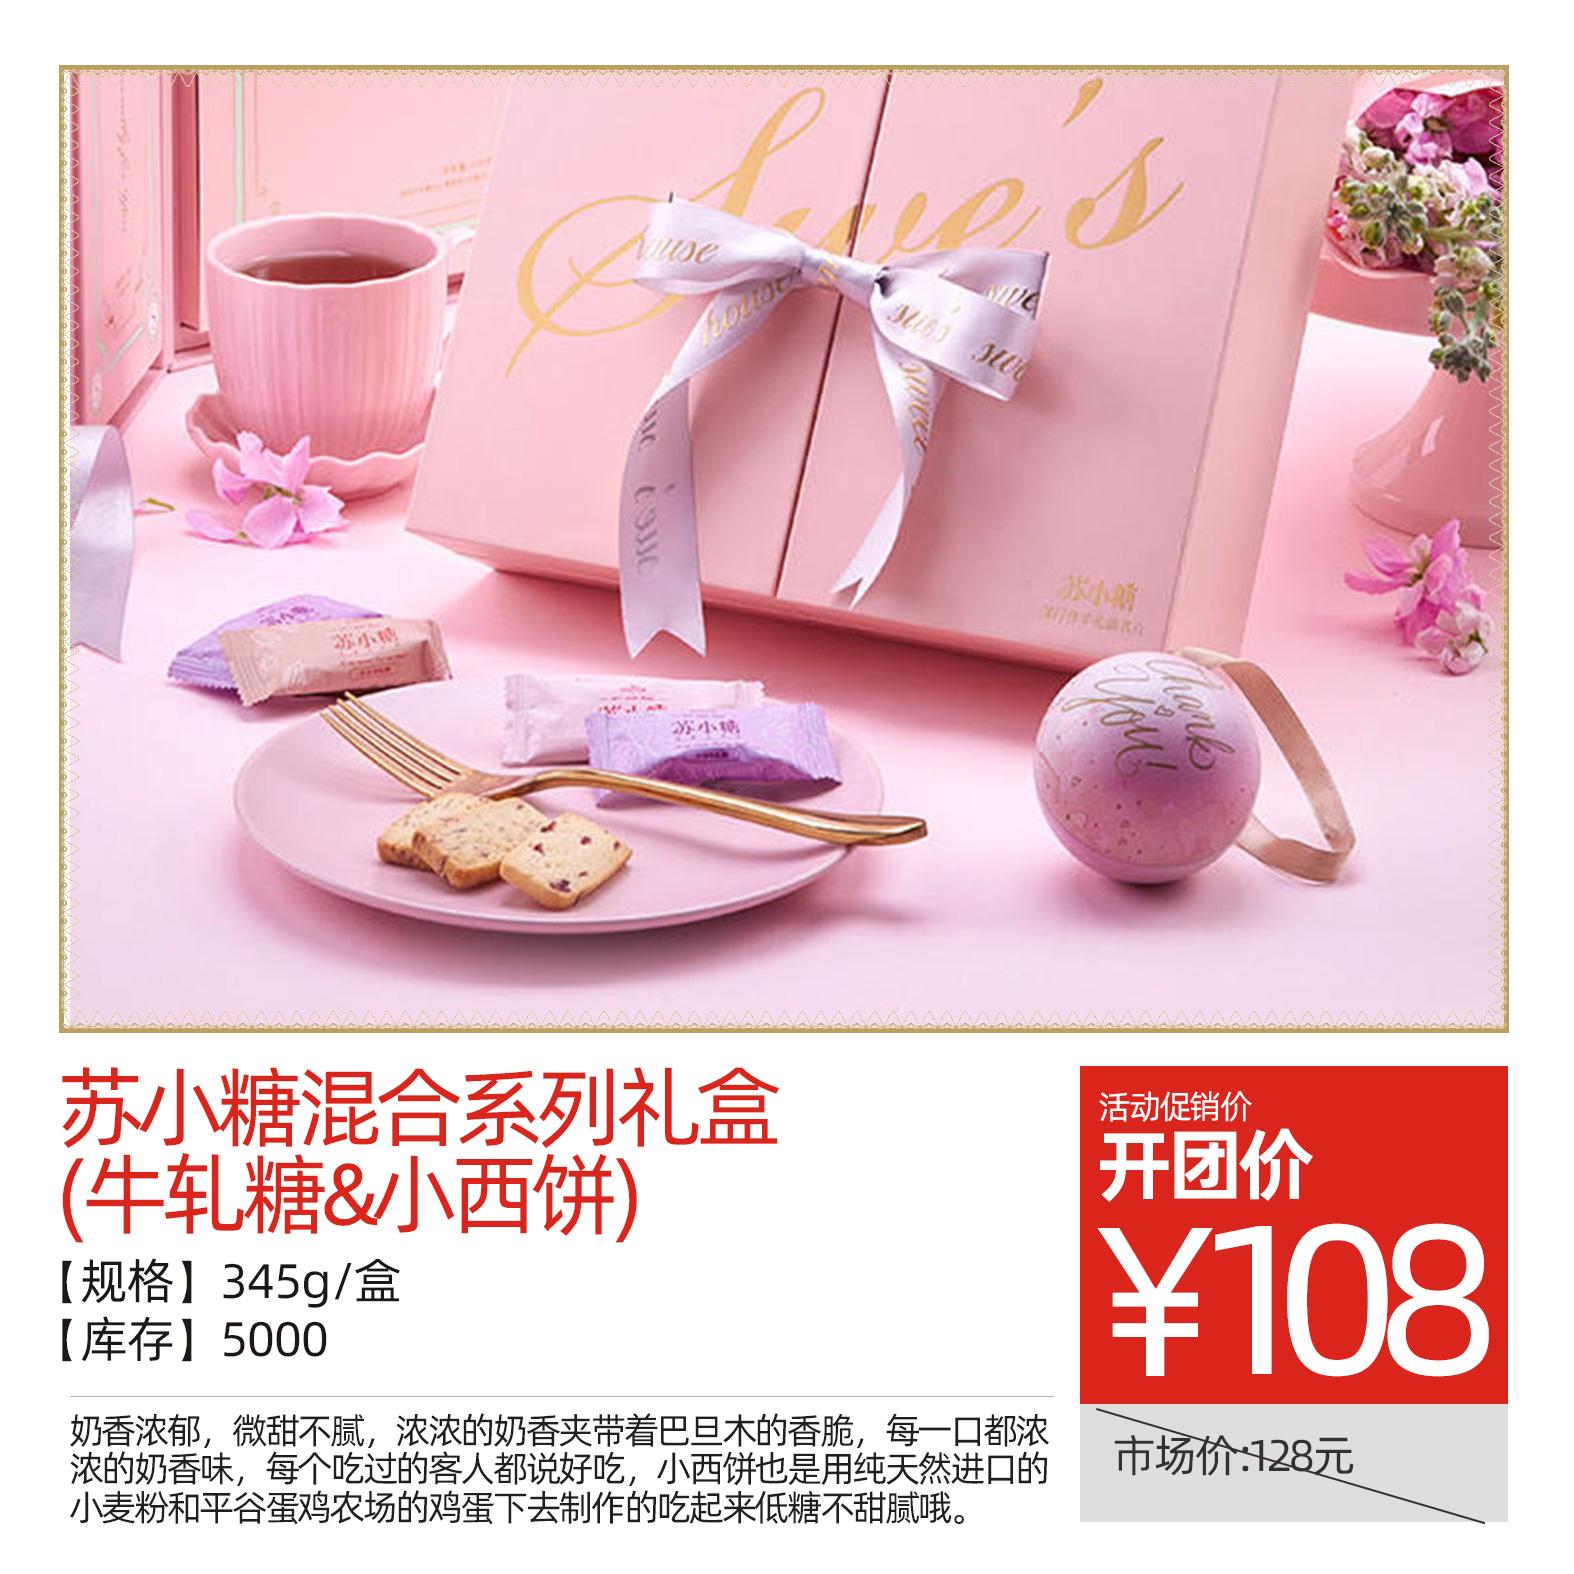 【小幸运礼盒】苏小糖混合系列礼盒(牛轧糖&小西饼)